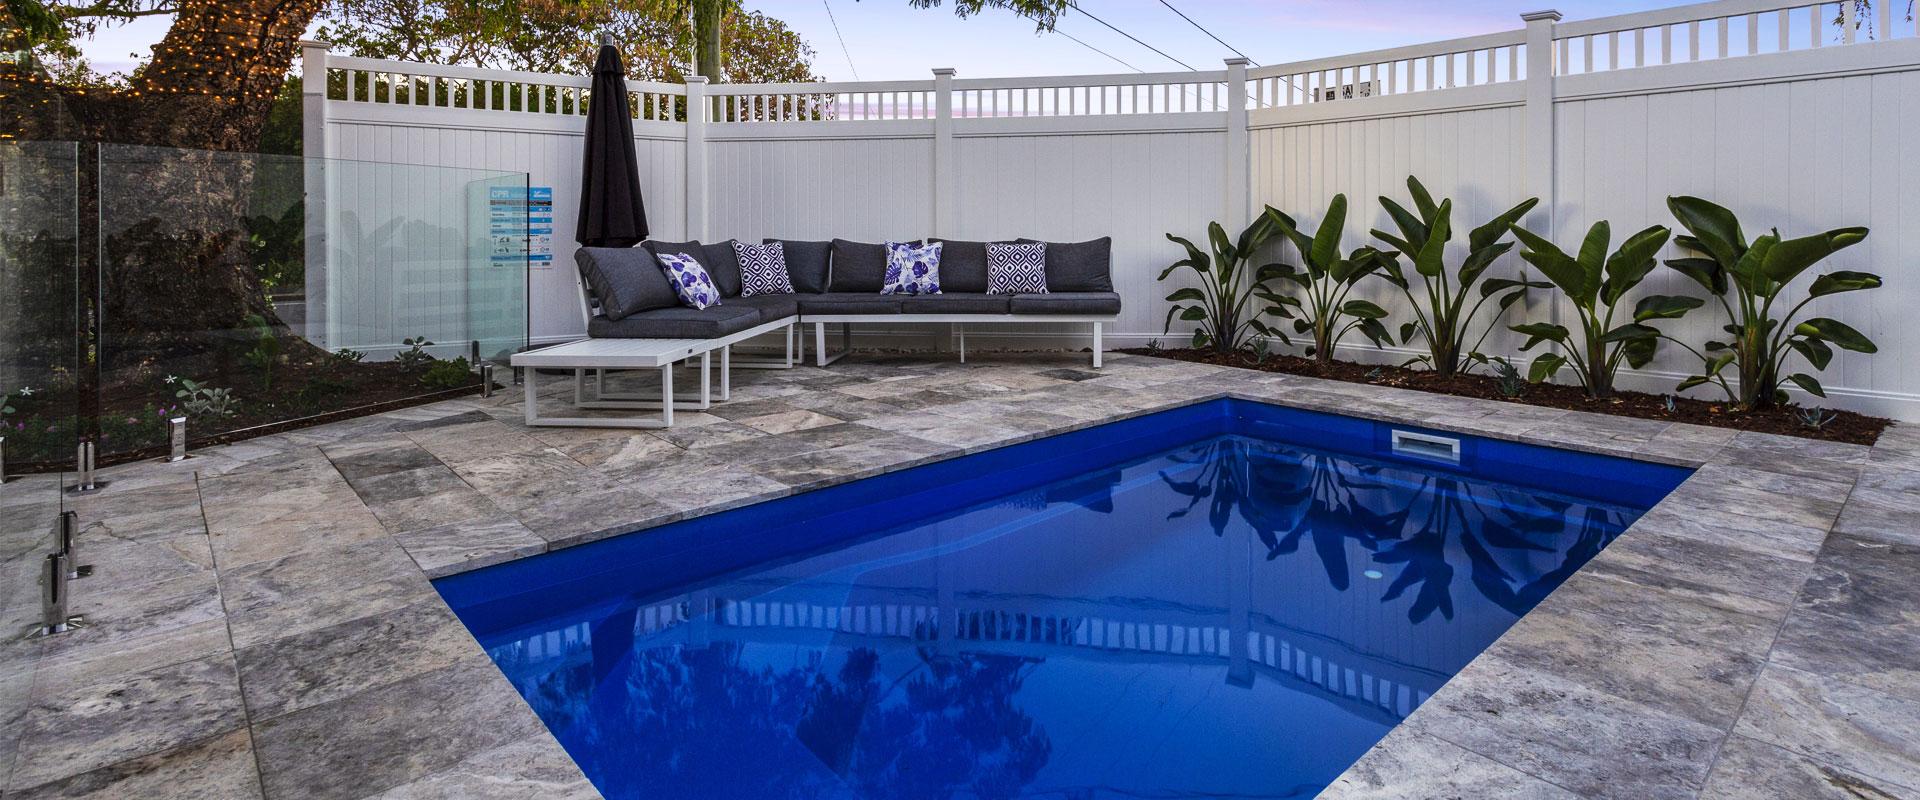 pool builders brisbane